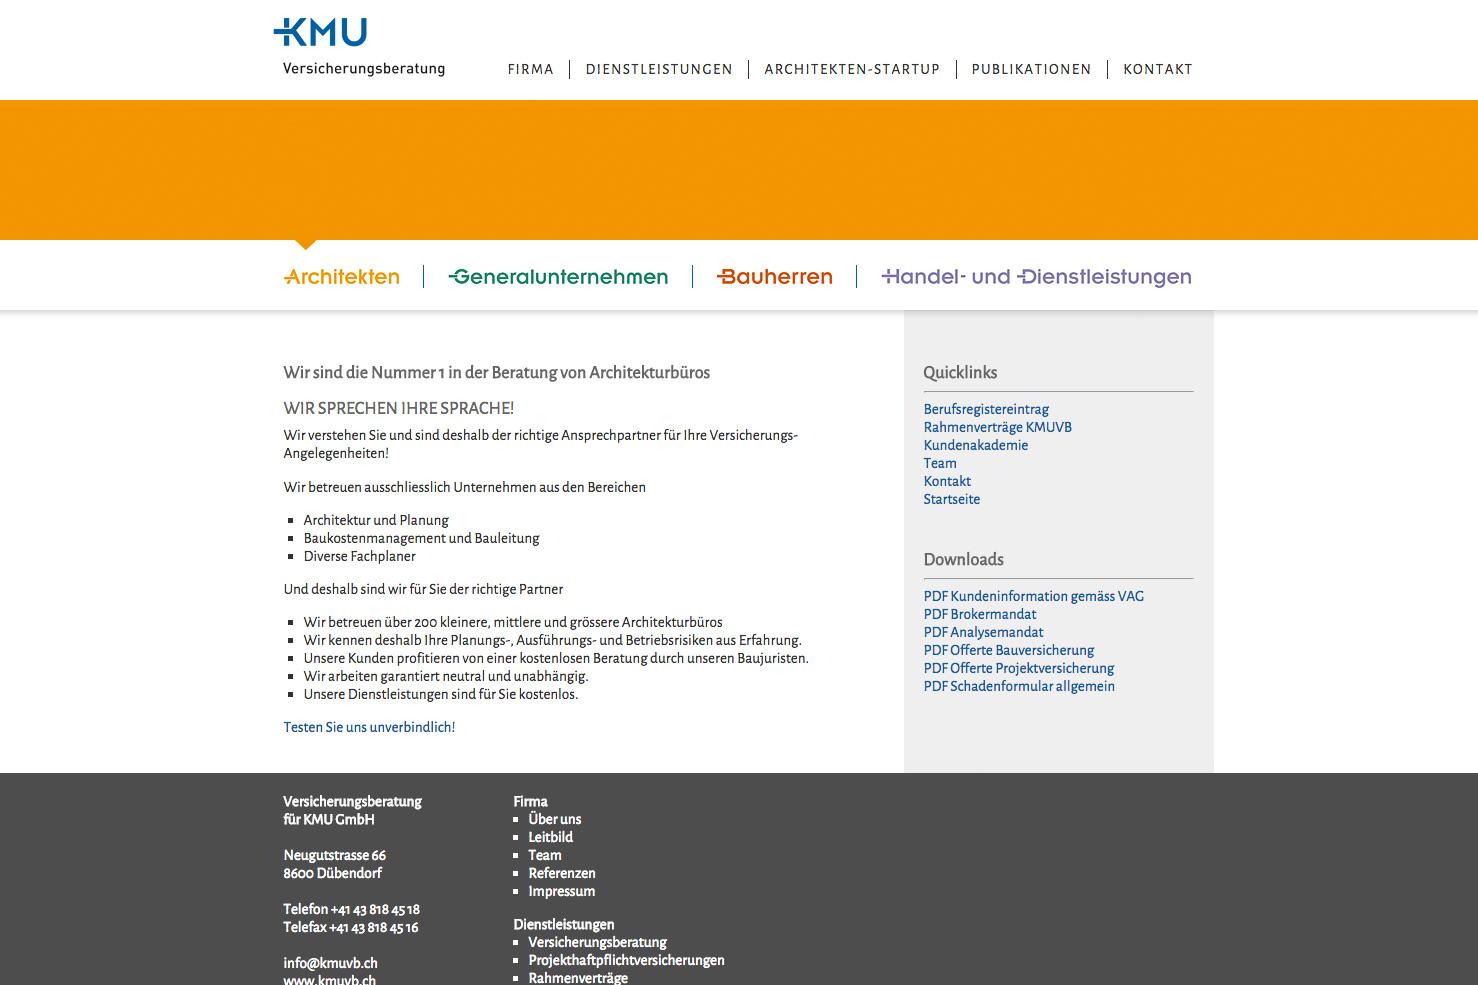 Bild 3 vom KMU Versicherungsberatung Webseite